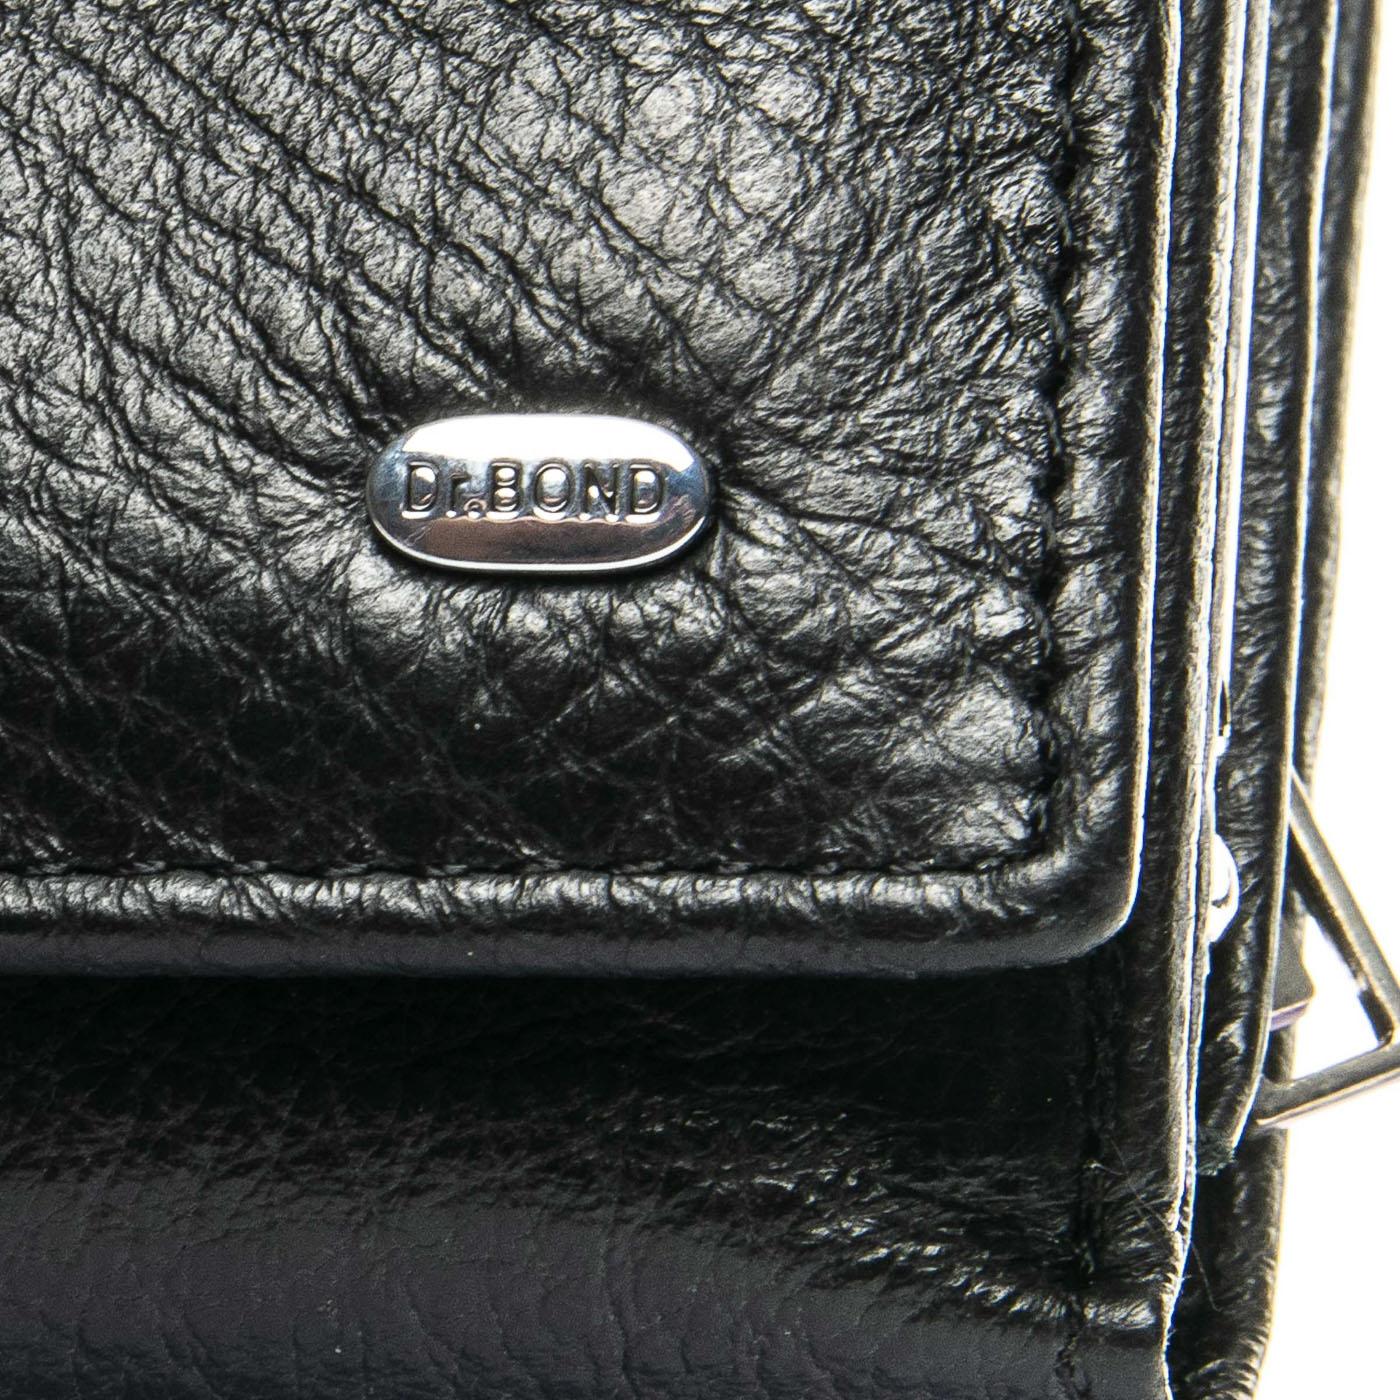 Кошелек Classic кожа DR. BOND WS-10 black - фото 3